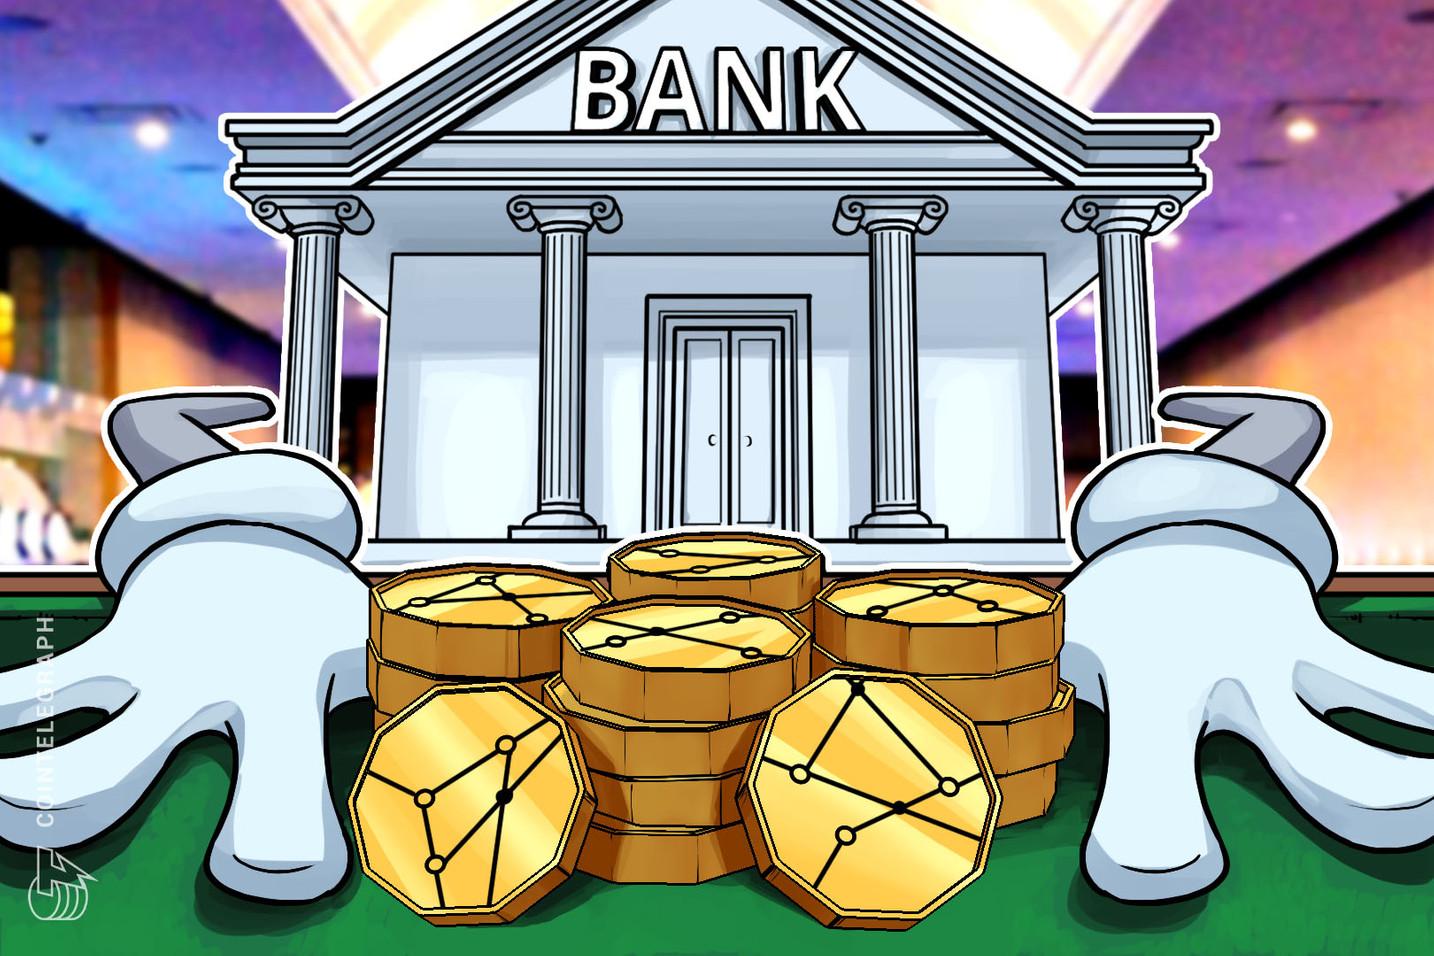 بنك سيلفرغيت يخطط لتقديم قروض بضمان العملات المشفرة